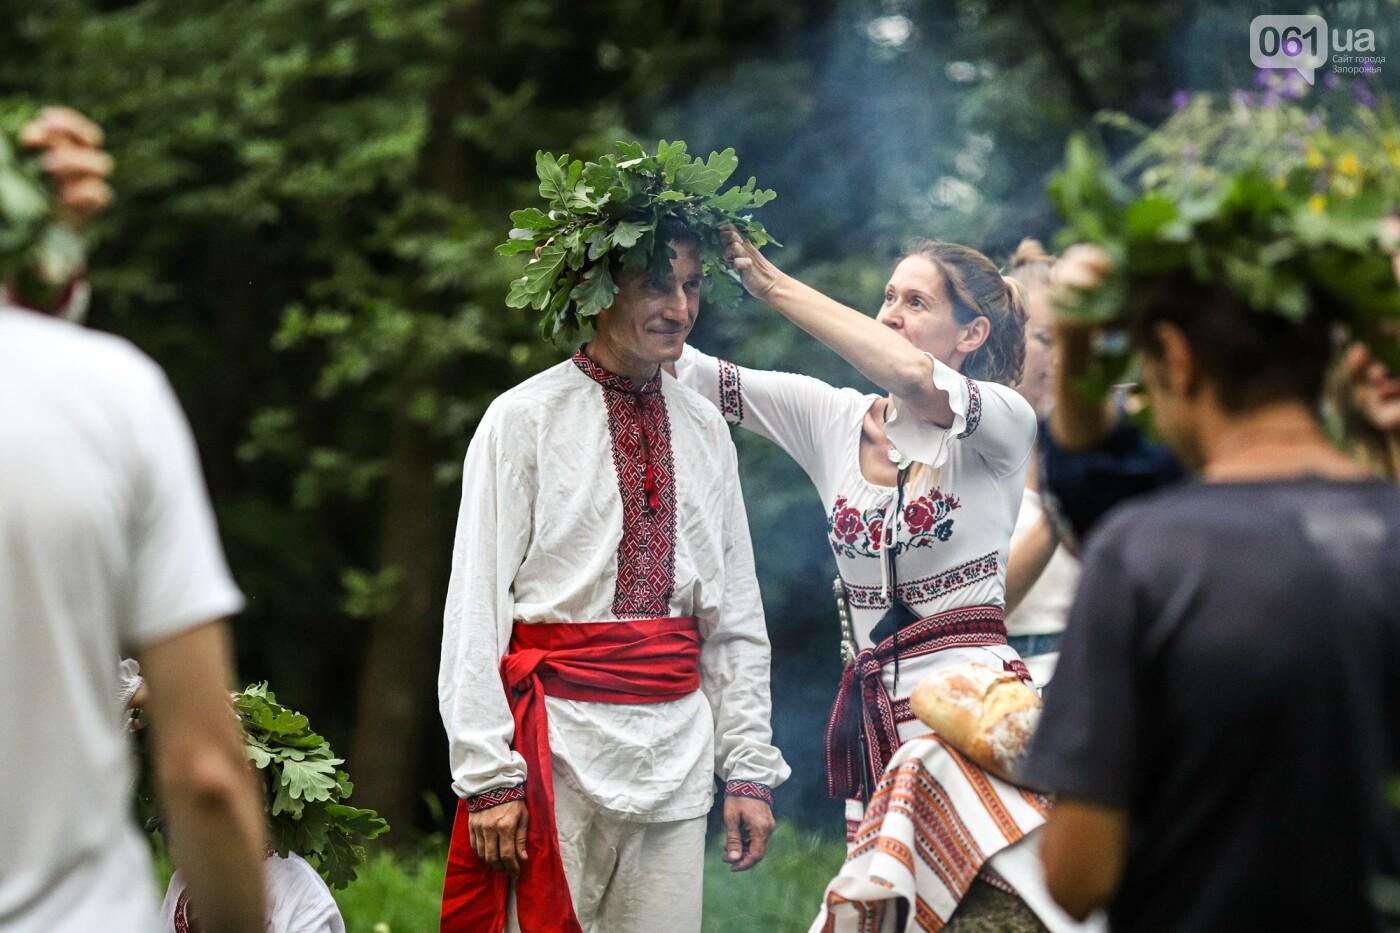 Огонь и дубовые венки: как на Хортице отметили праздник Перуна, - ФОТОРЕПОРТАЖ, фото-32